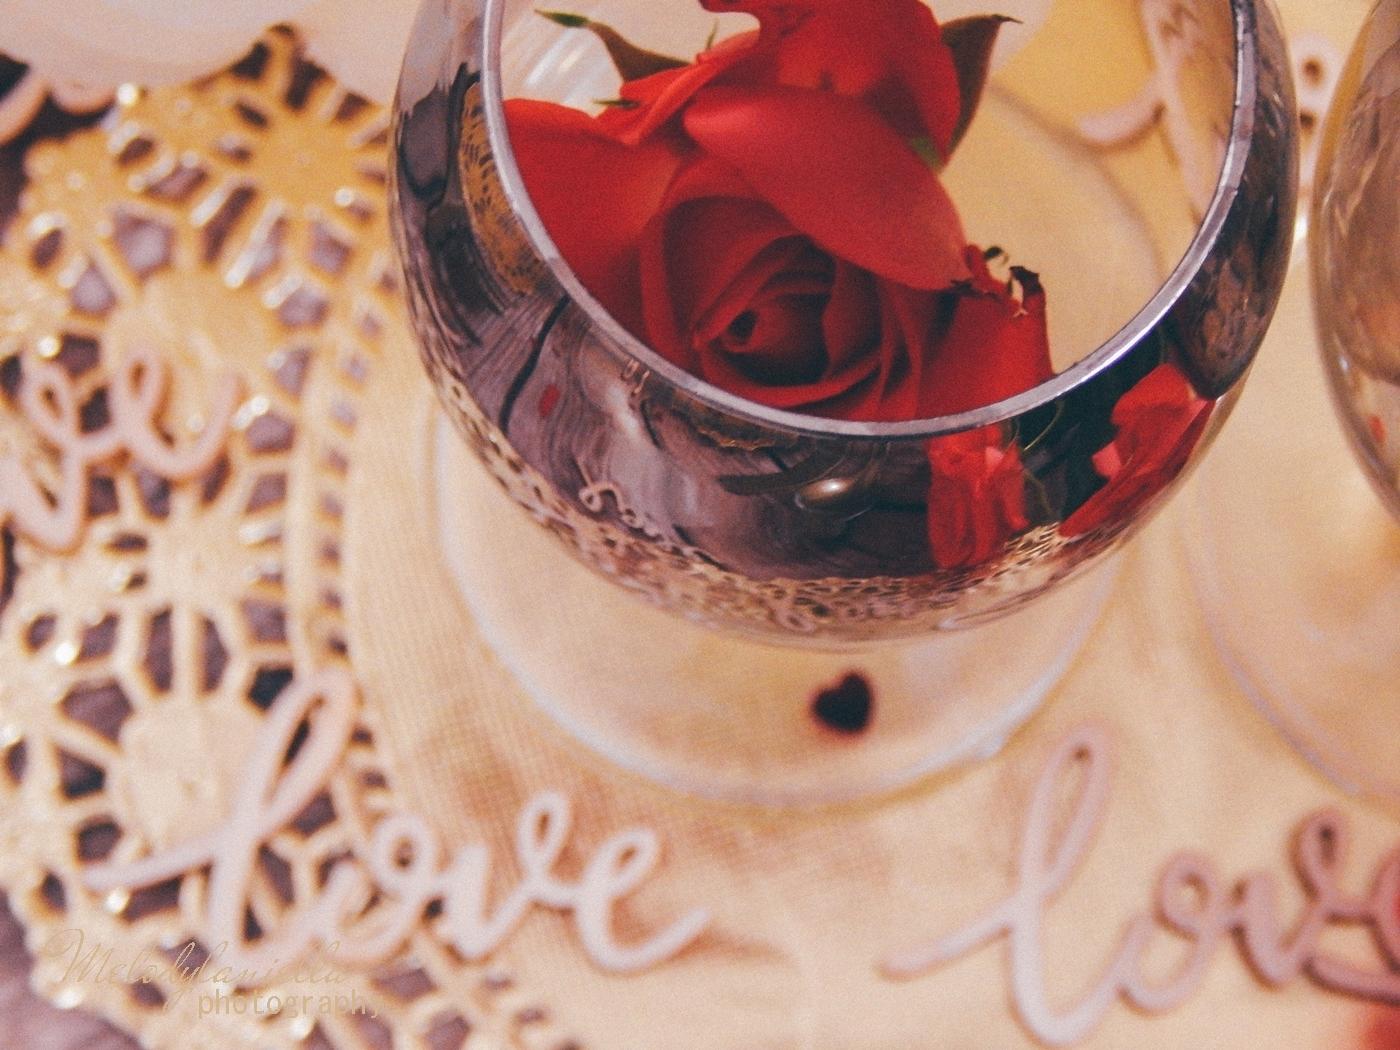 10 partybox złote ażurowe serwetki drewniane napisy love dodatki na walentynki konfetti serca błyszczące talerze talerze z efektem marmuru złote sztućce dekoracje ozdoby na stoł